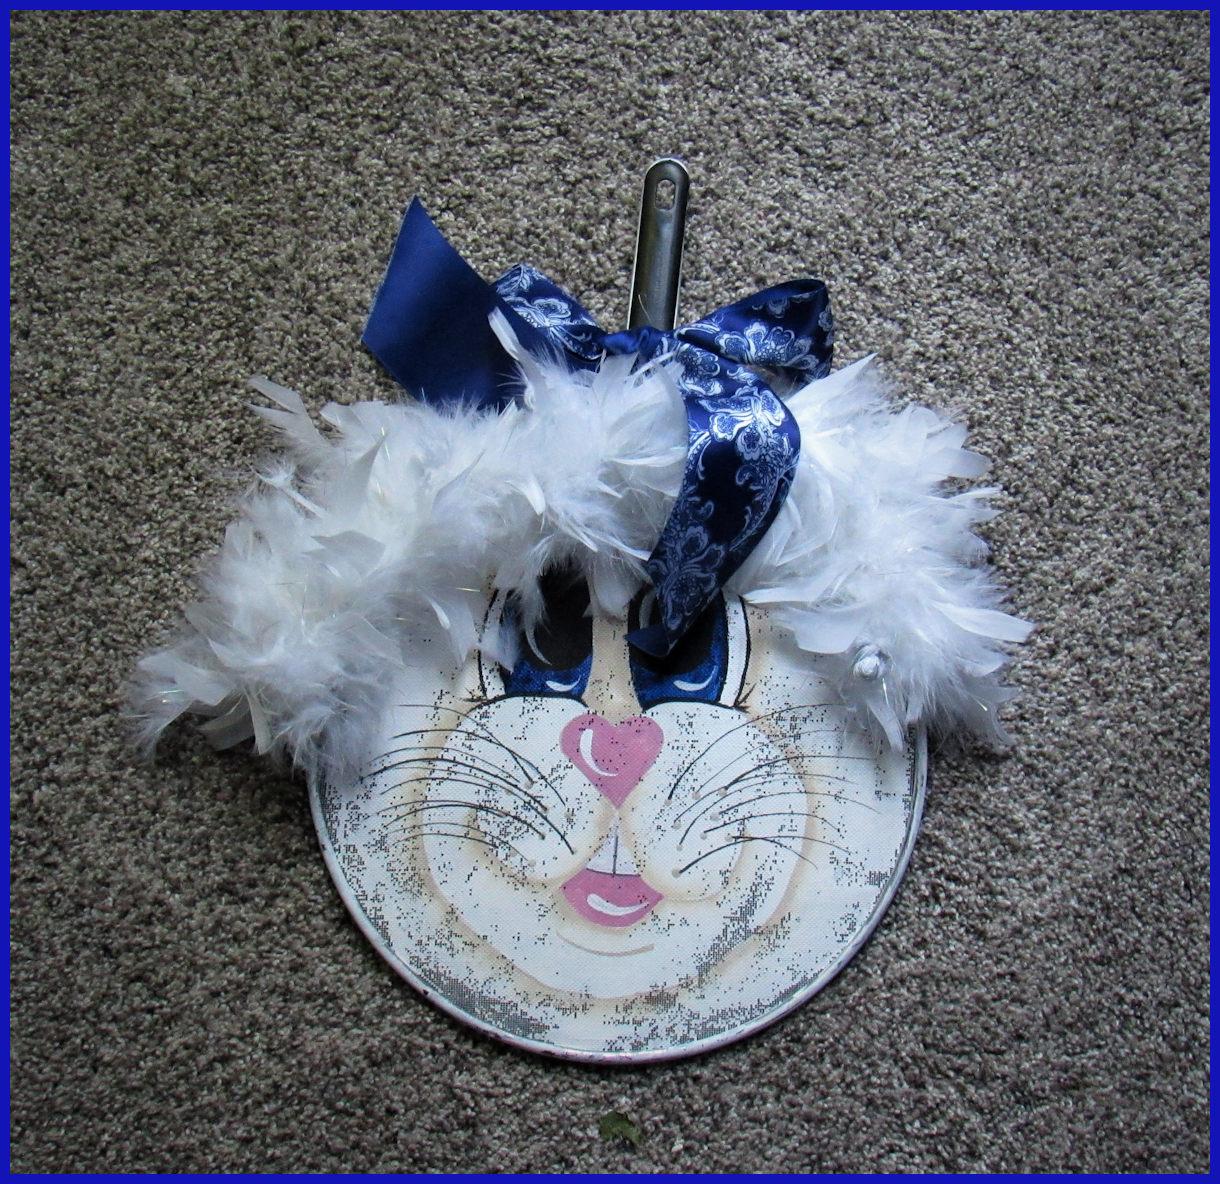 metal-splatter-screen-11-inch-bunny-rabbit.jpg